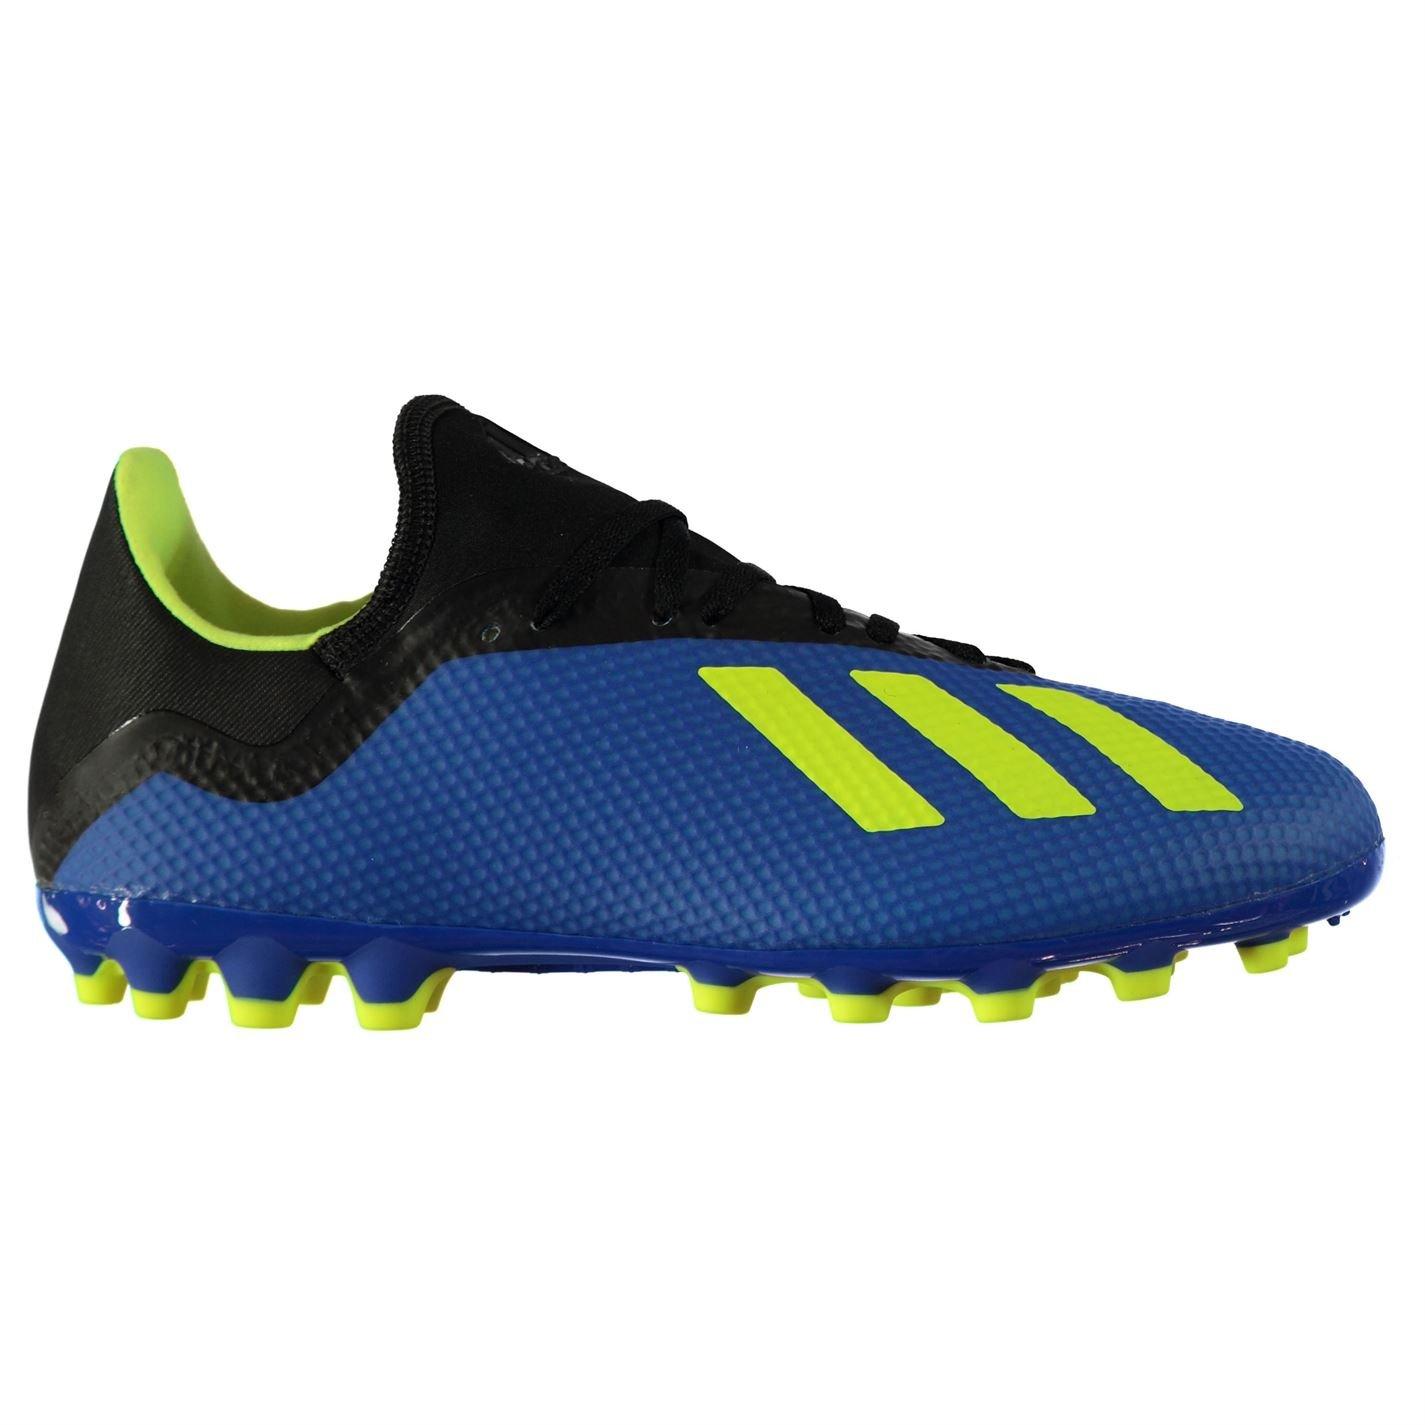 ADIDAS Unisex-Kinder X 18.3 Ag Fußballschuhe